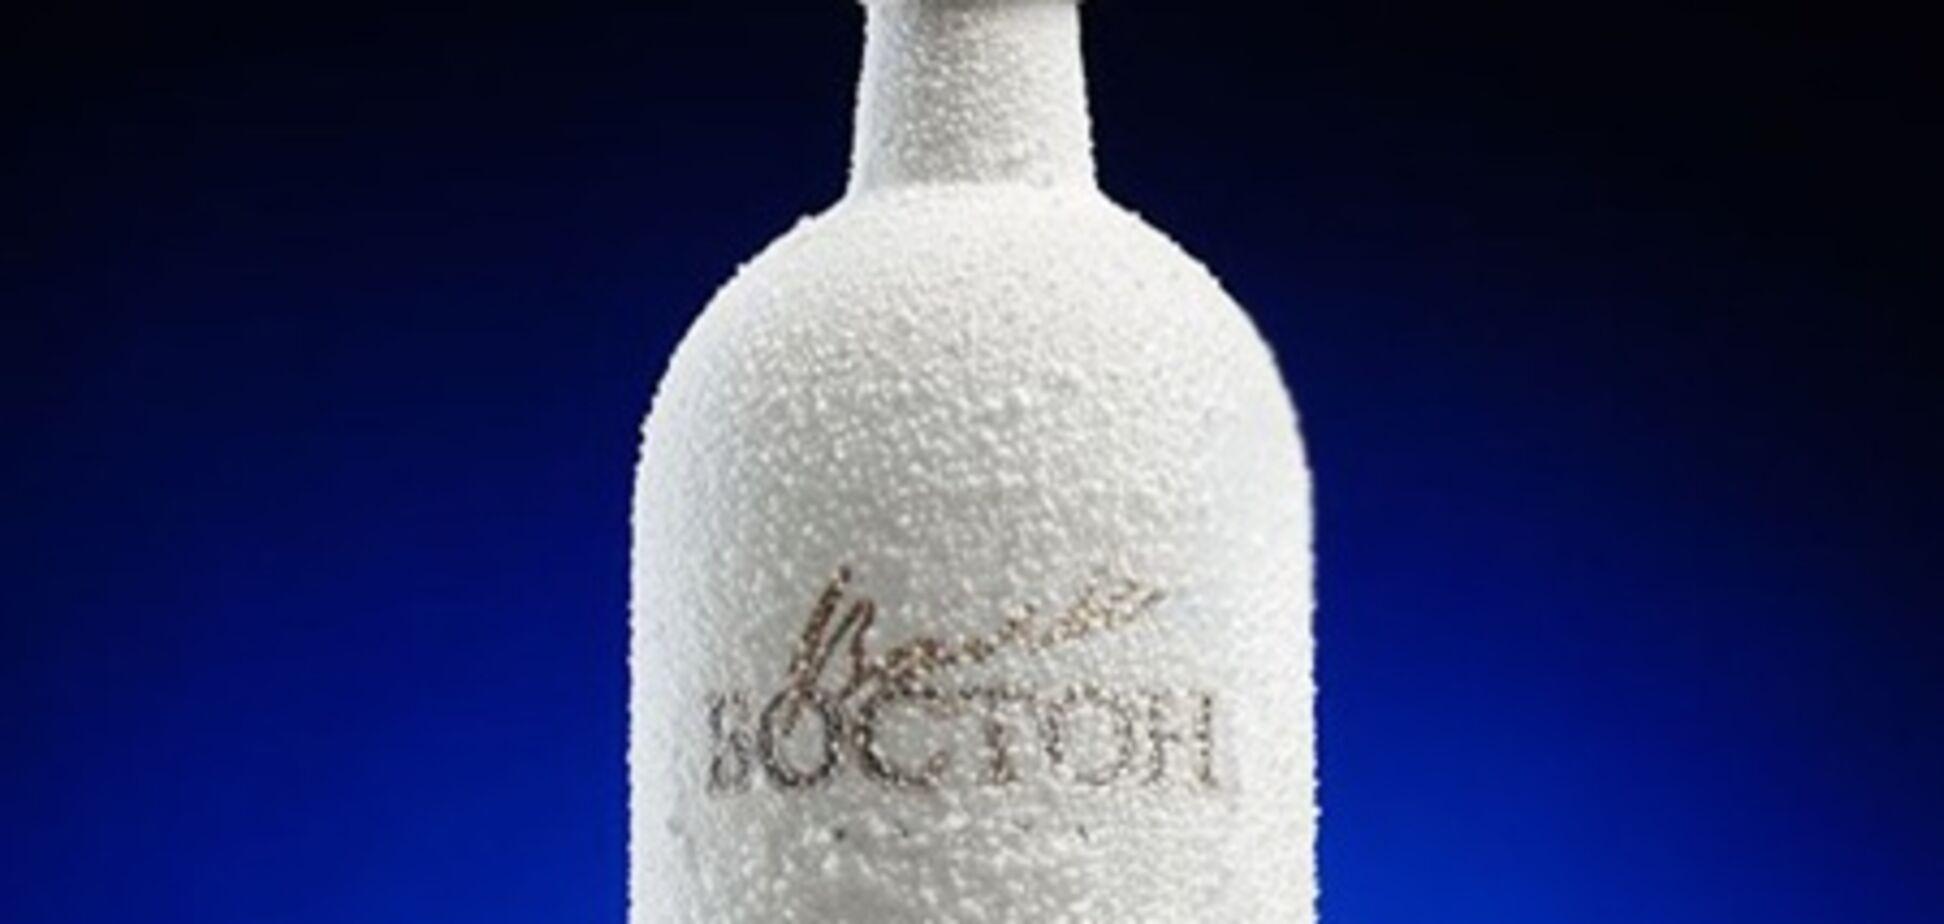 Розенбаум відсудив горілчаний бренд 'Вальс-Бостон'